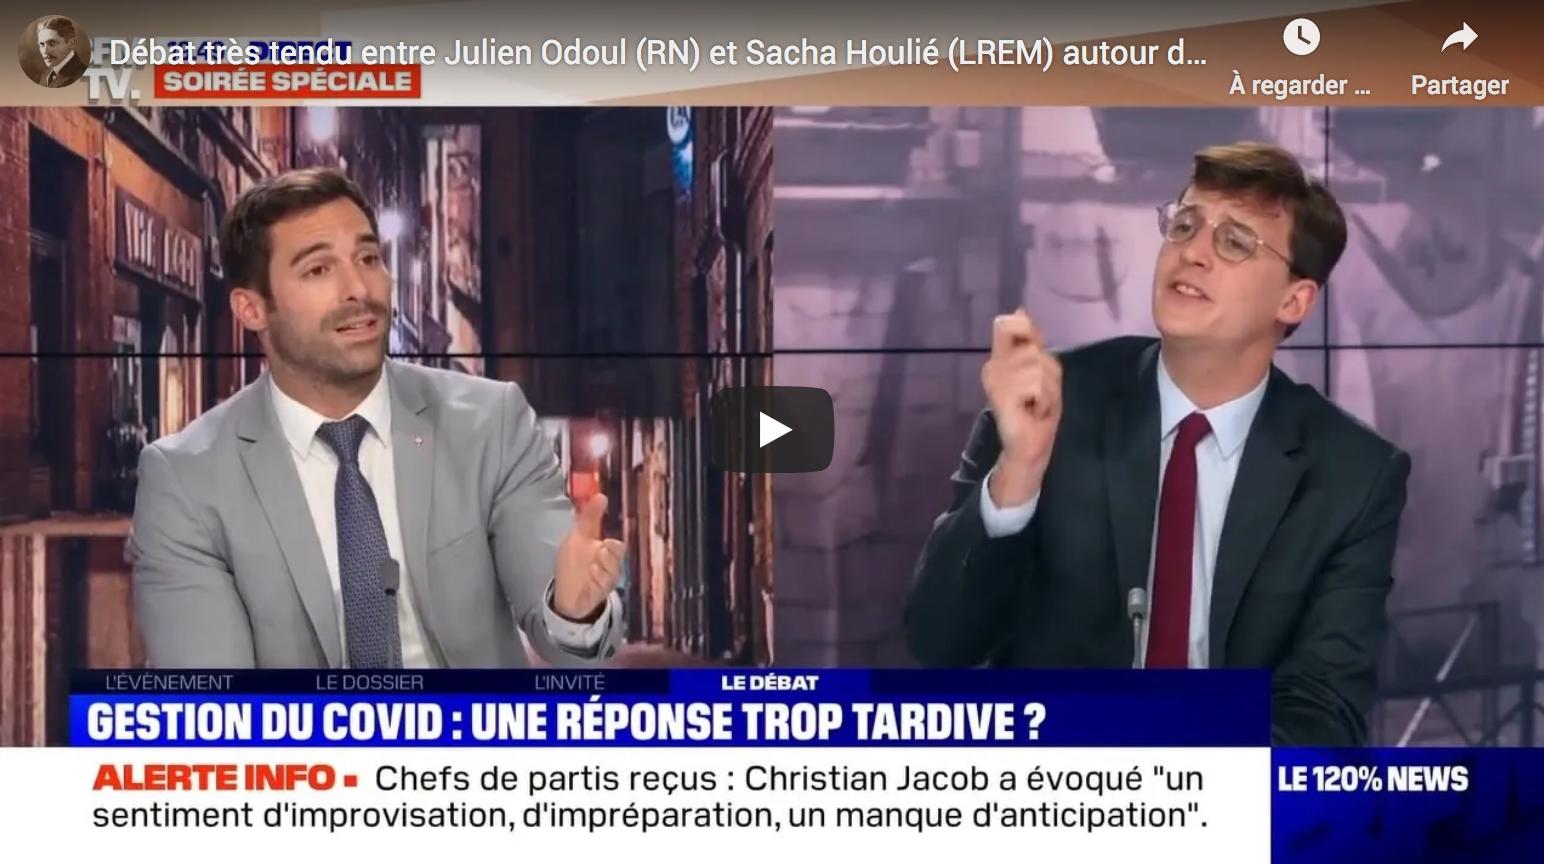 Covid-19 : Débat très tendu entre Julien Odoul (RN) et Sacha Houlié (LREM) autour du reconfinement (VIDÉO)